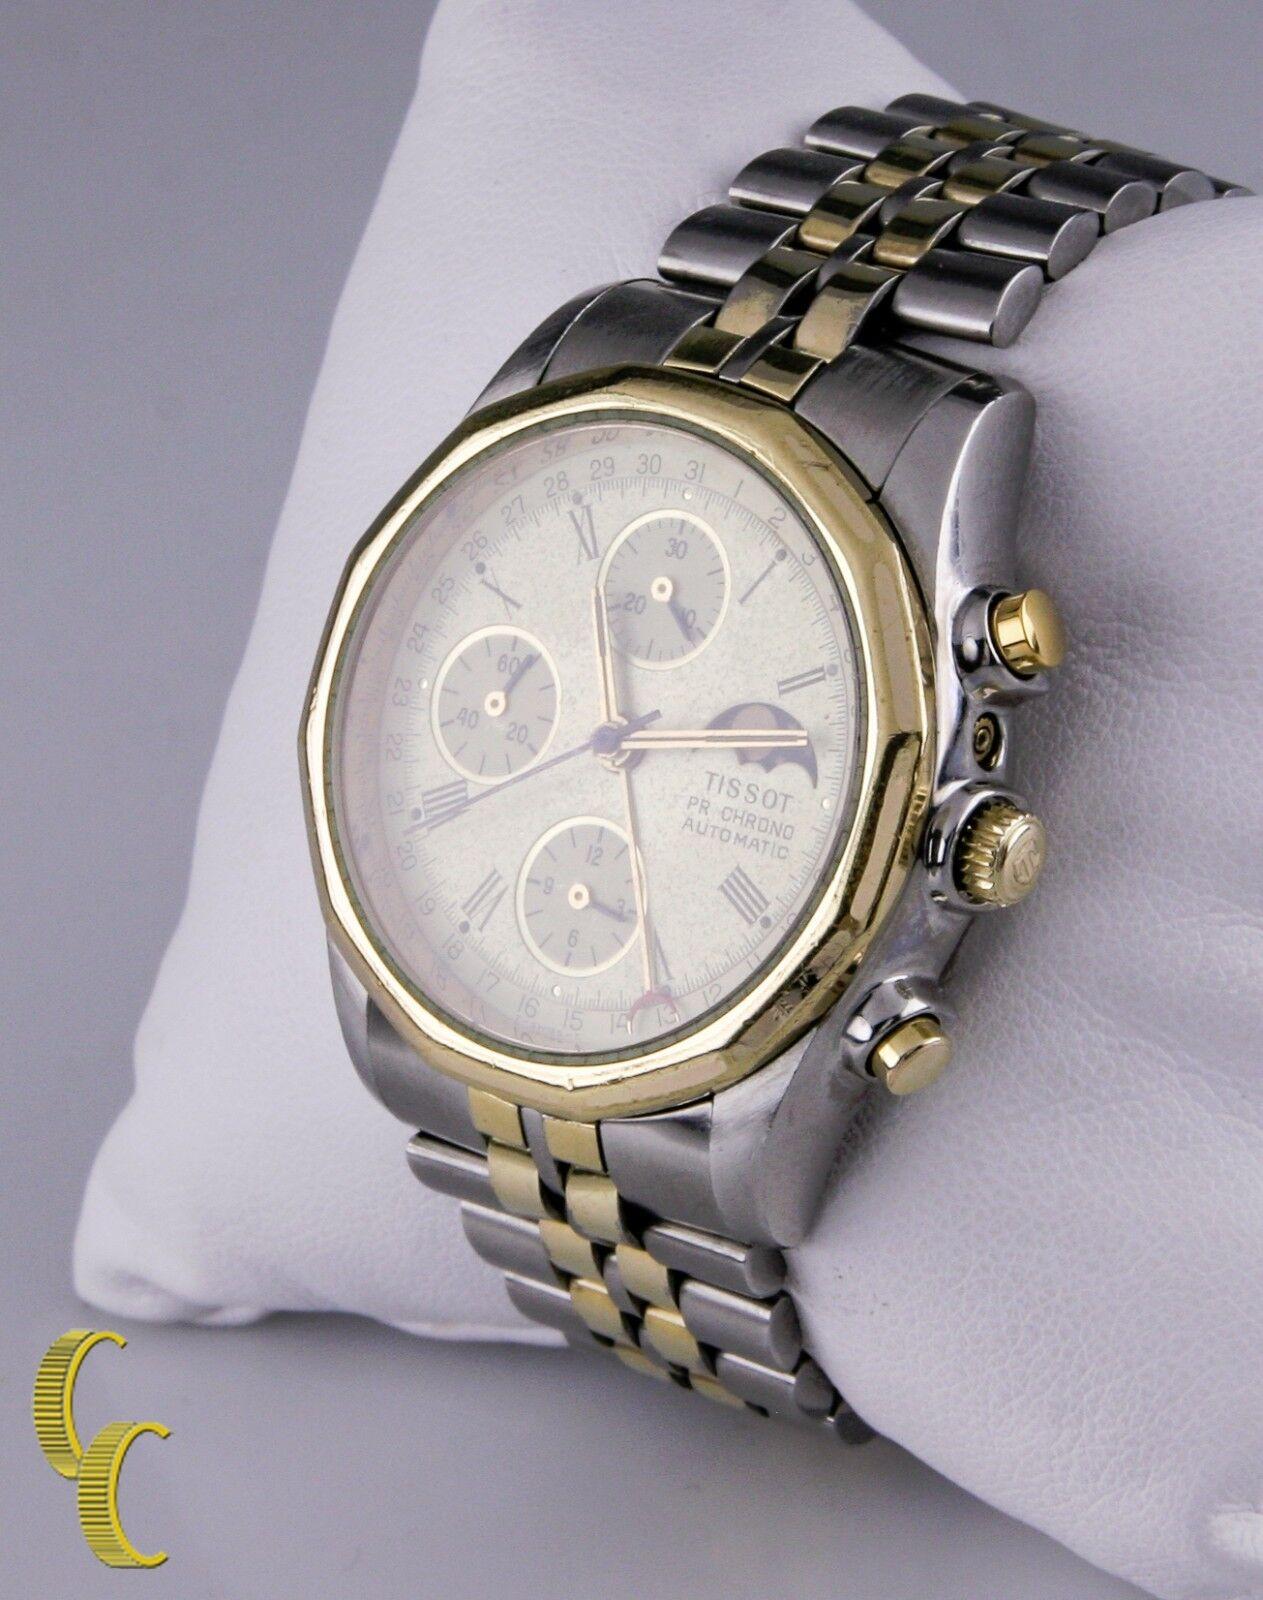 cabb98083c2 Tissot Pr100 Le Locle C451 Automatic Chronograph Moonphase Valjoux ...